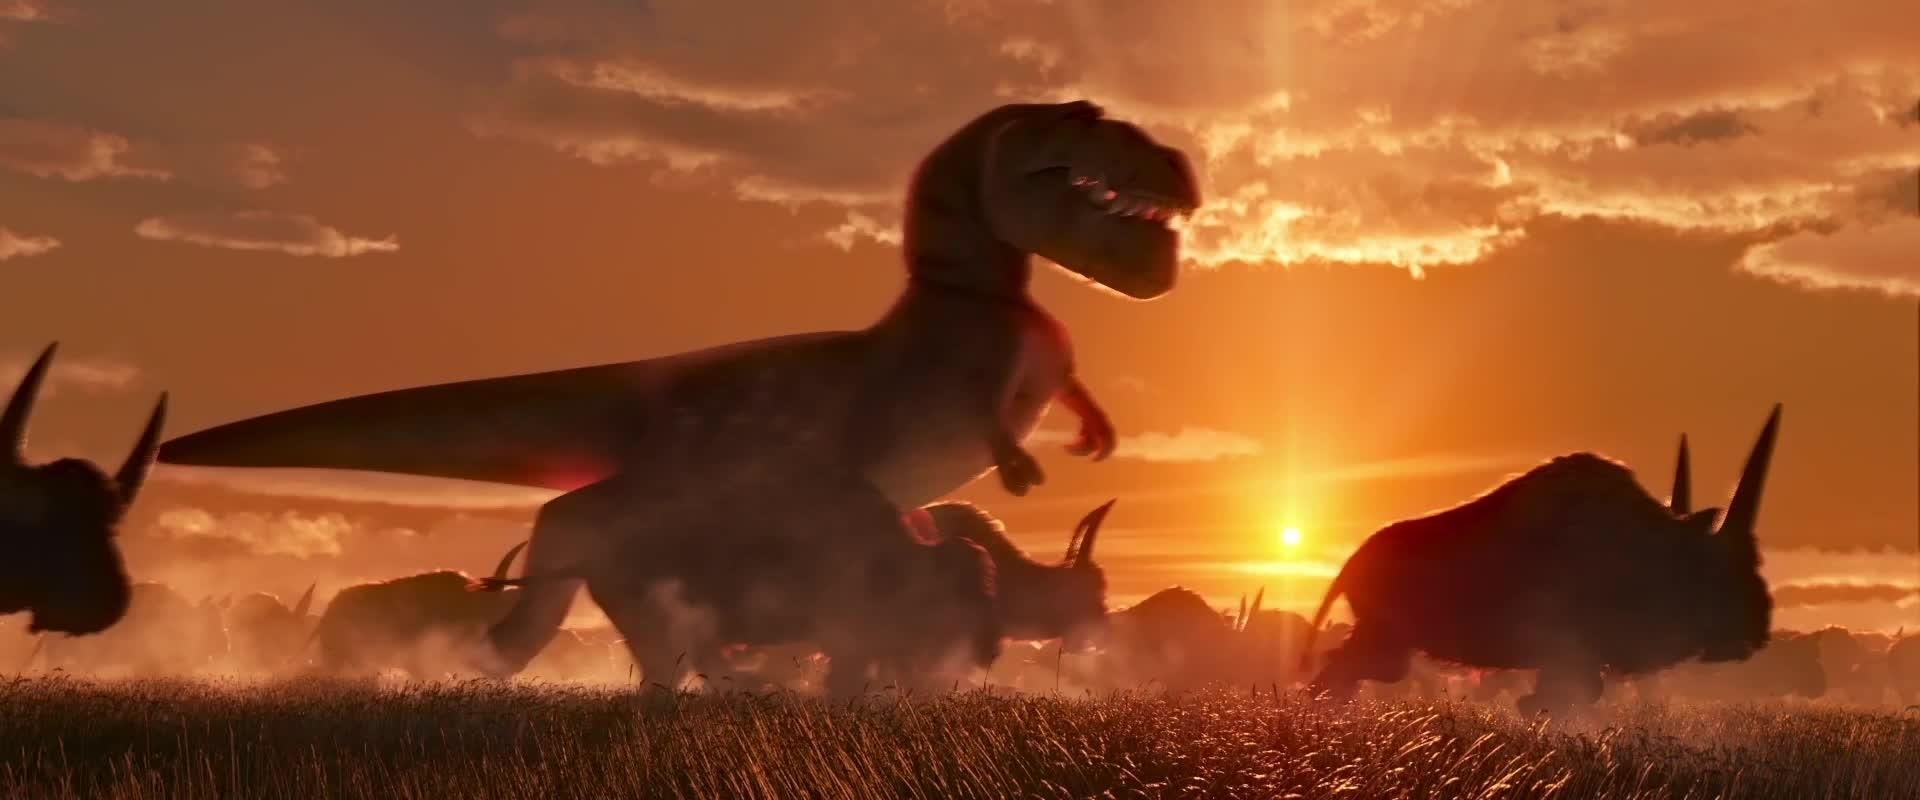 Il viaggio di Arlo - Teaser Trailer